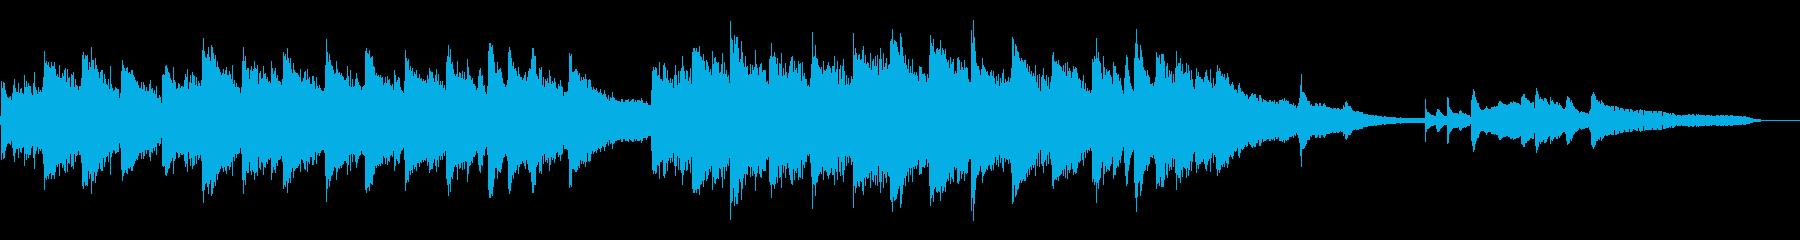 シネマティック 感情的な ピアノの再生済みの波形